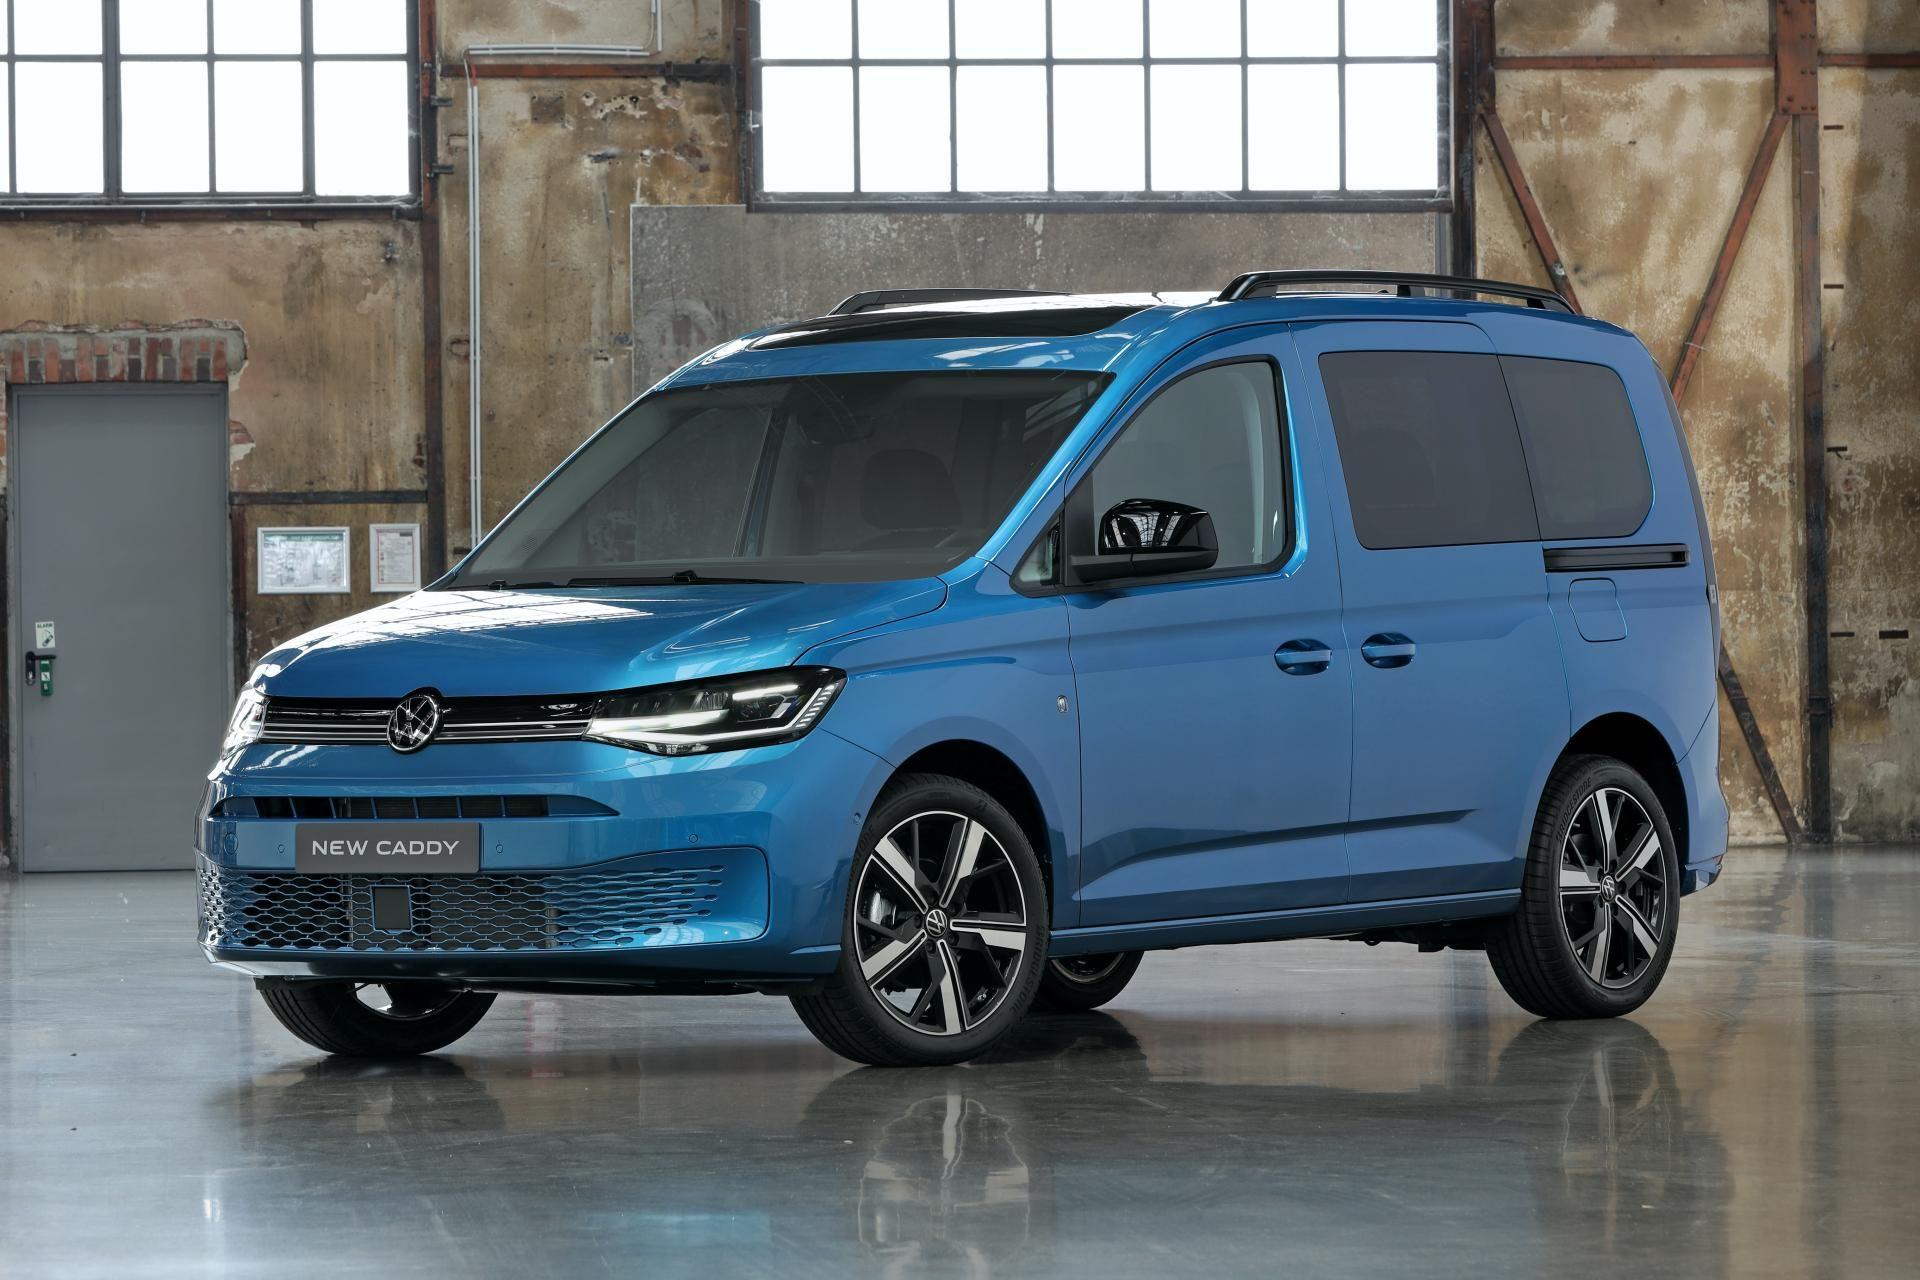 2020 VW Caddy Model